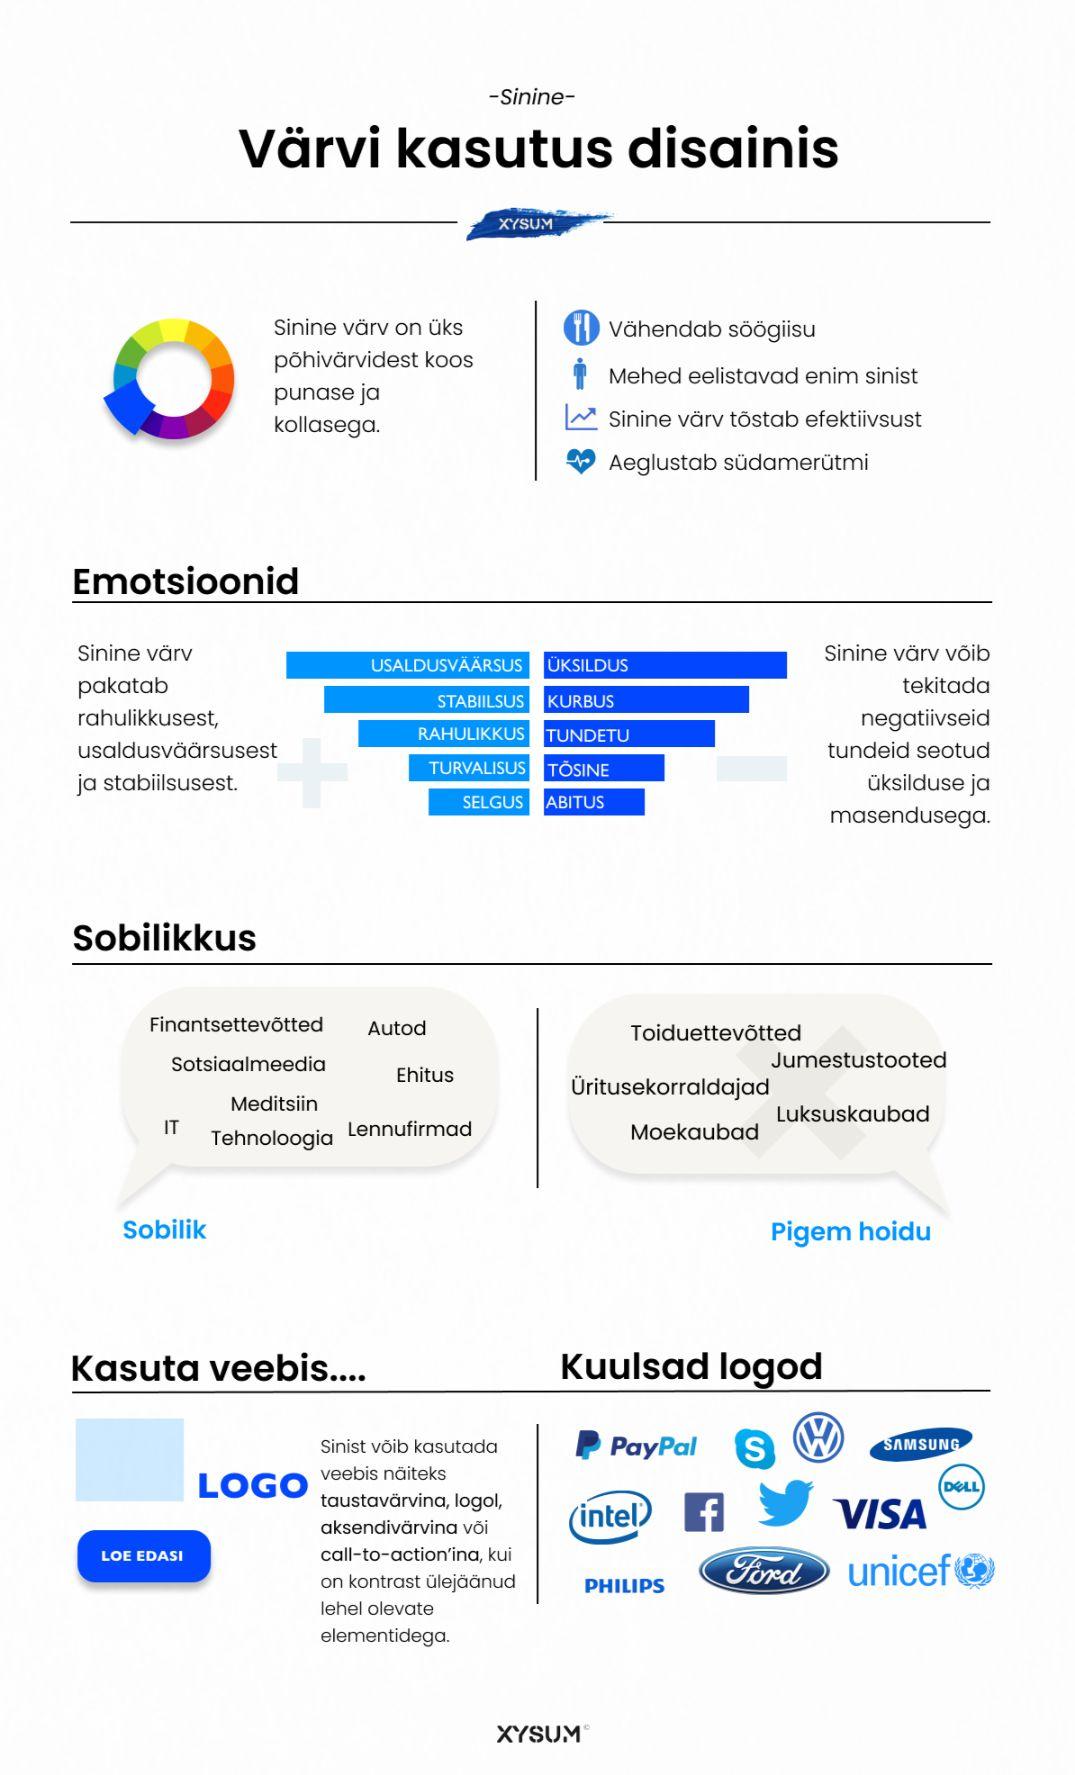 Sinine värv veebidisainis, sinise värvi kasutus disainis, infograafik